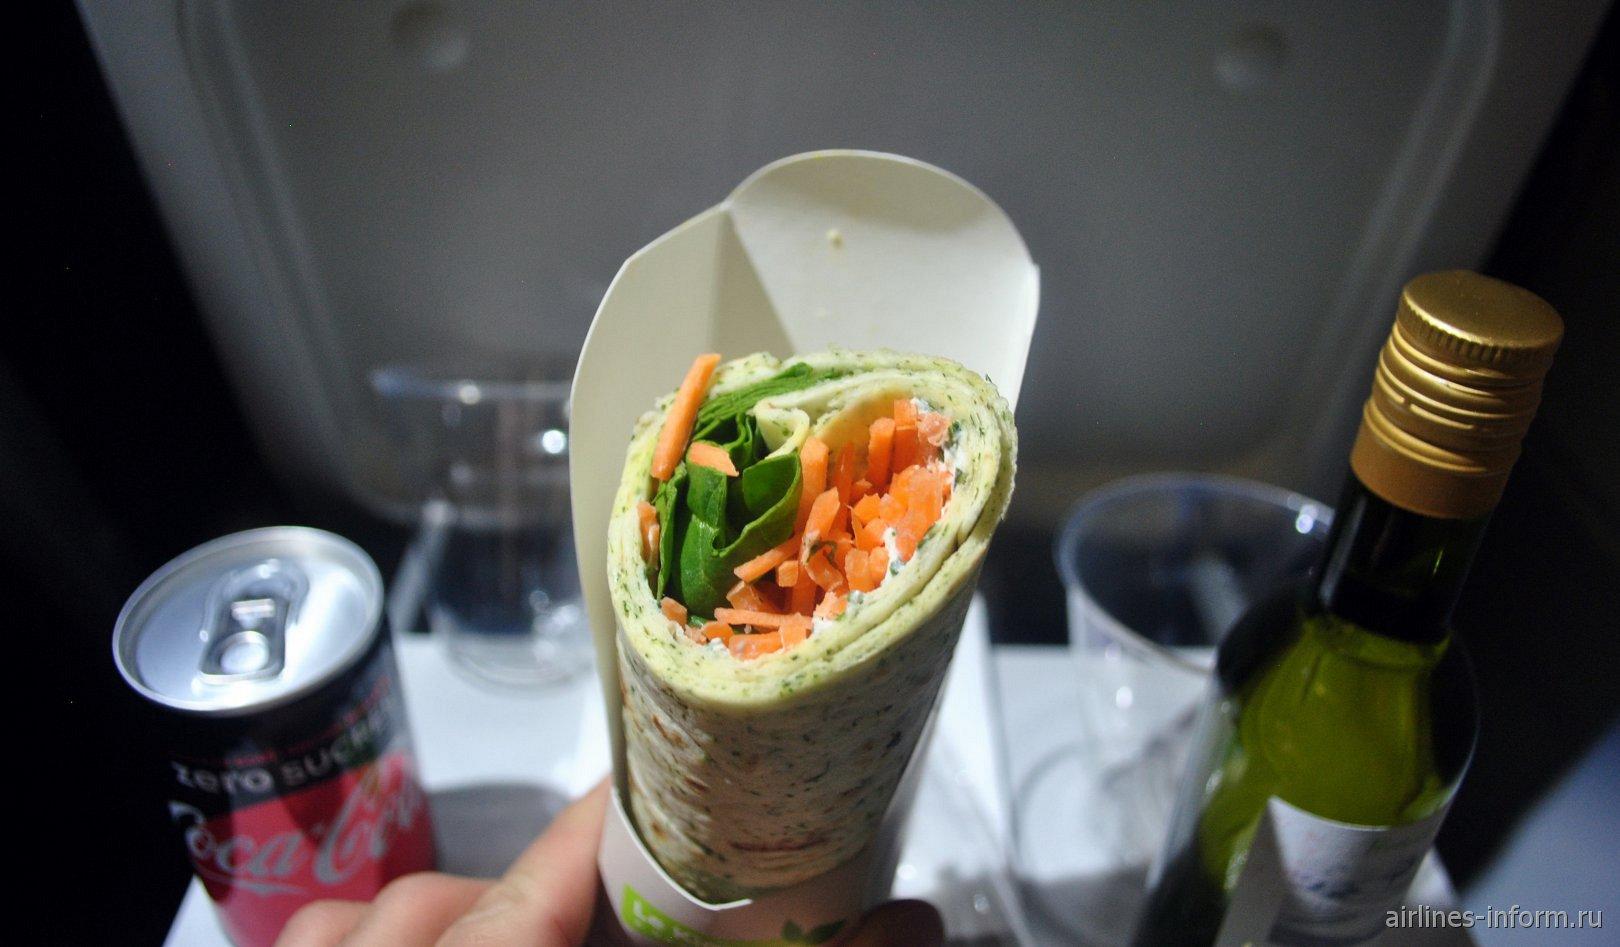 Овощной рулет с напитками - питание на рейсе Париж-Милан авиакомпании Air France